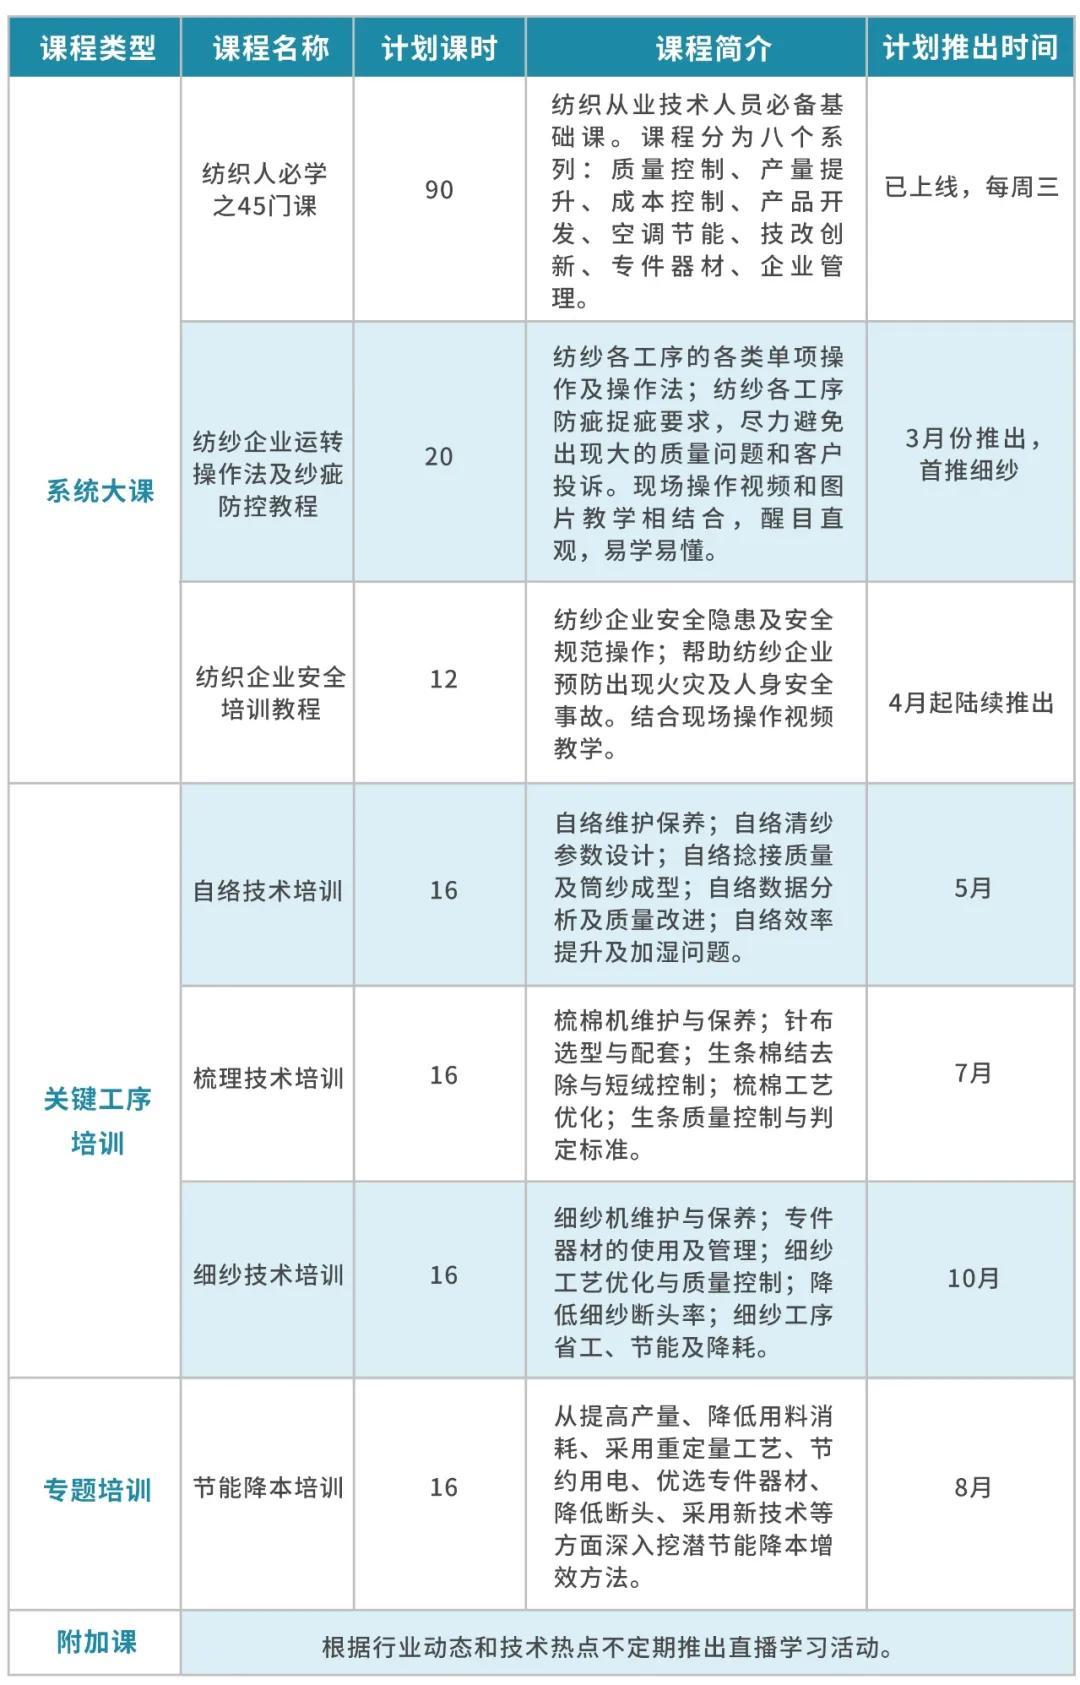 2021年度中国纱线网重磅推出 纺织企业人才培养工程